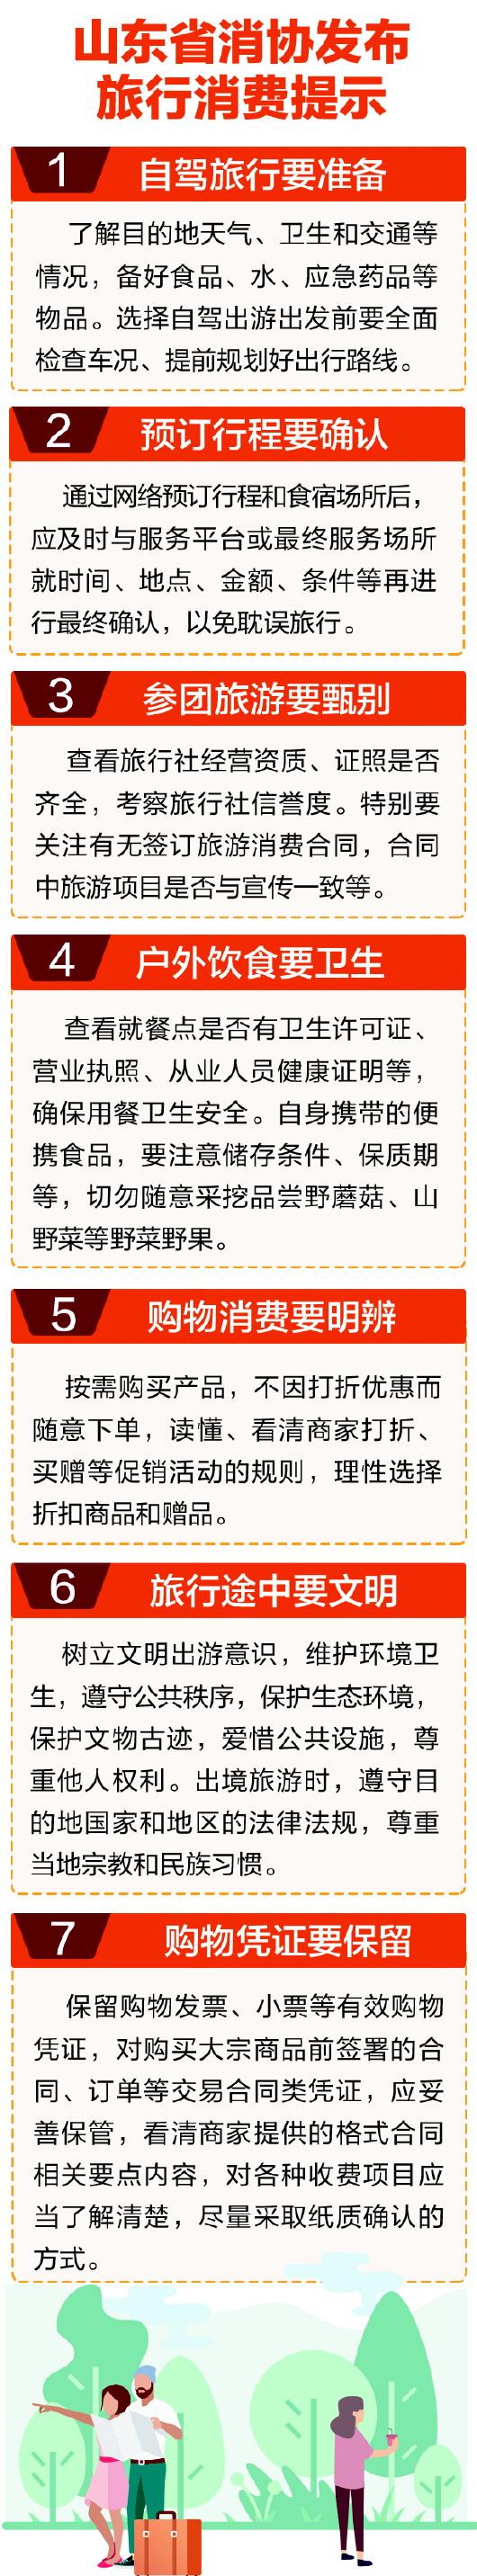 刘伯温四肖中特料2018纠纷如何维权?自费跳伞游客摔伤旅行社照样要赔偿